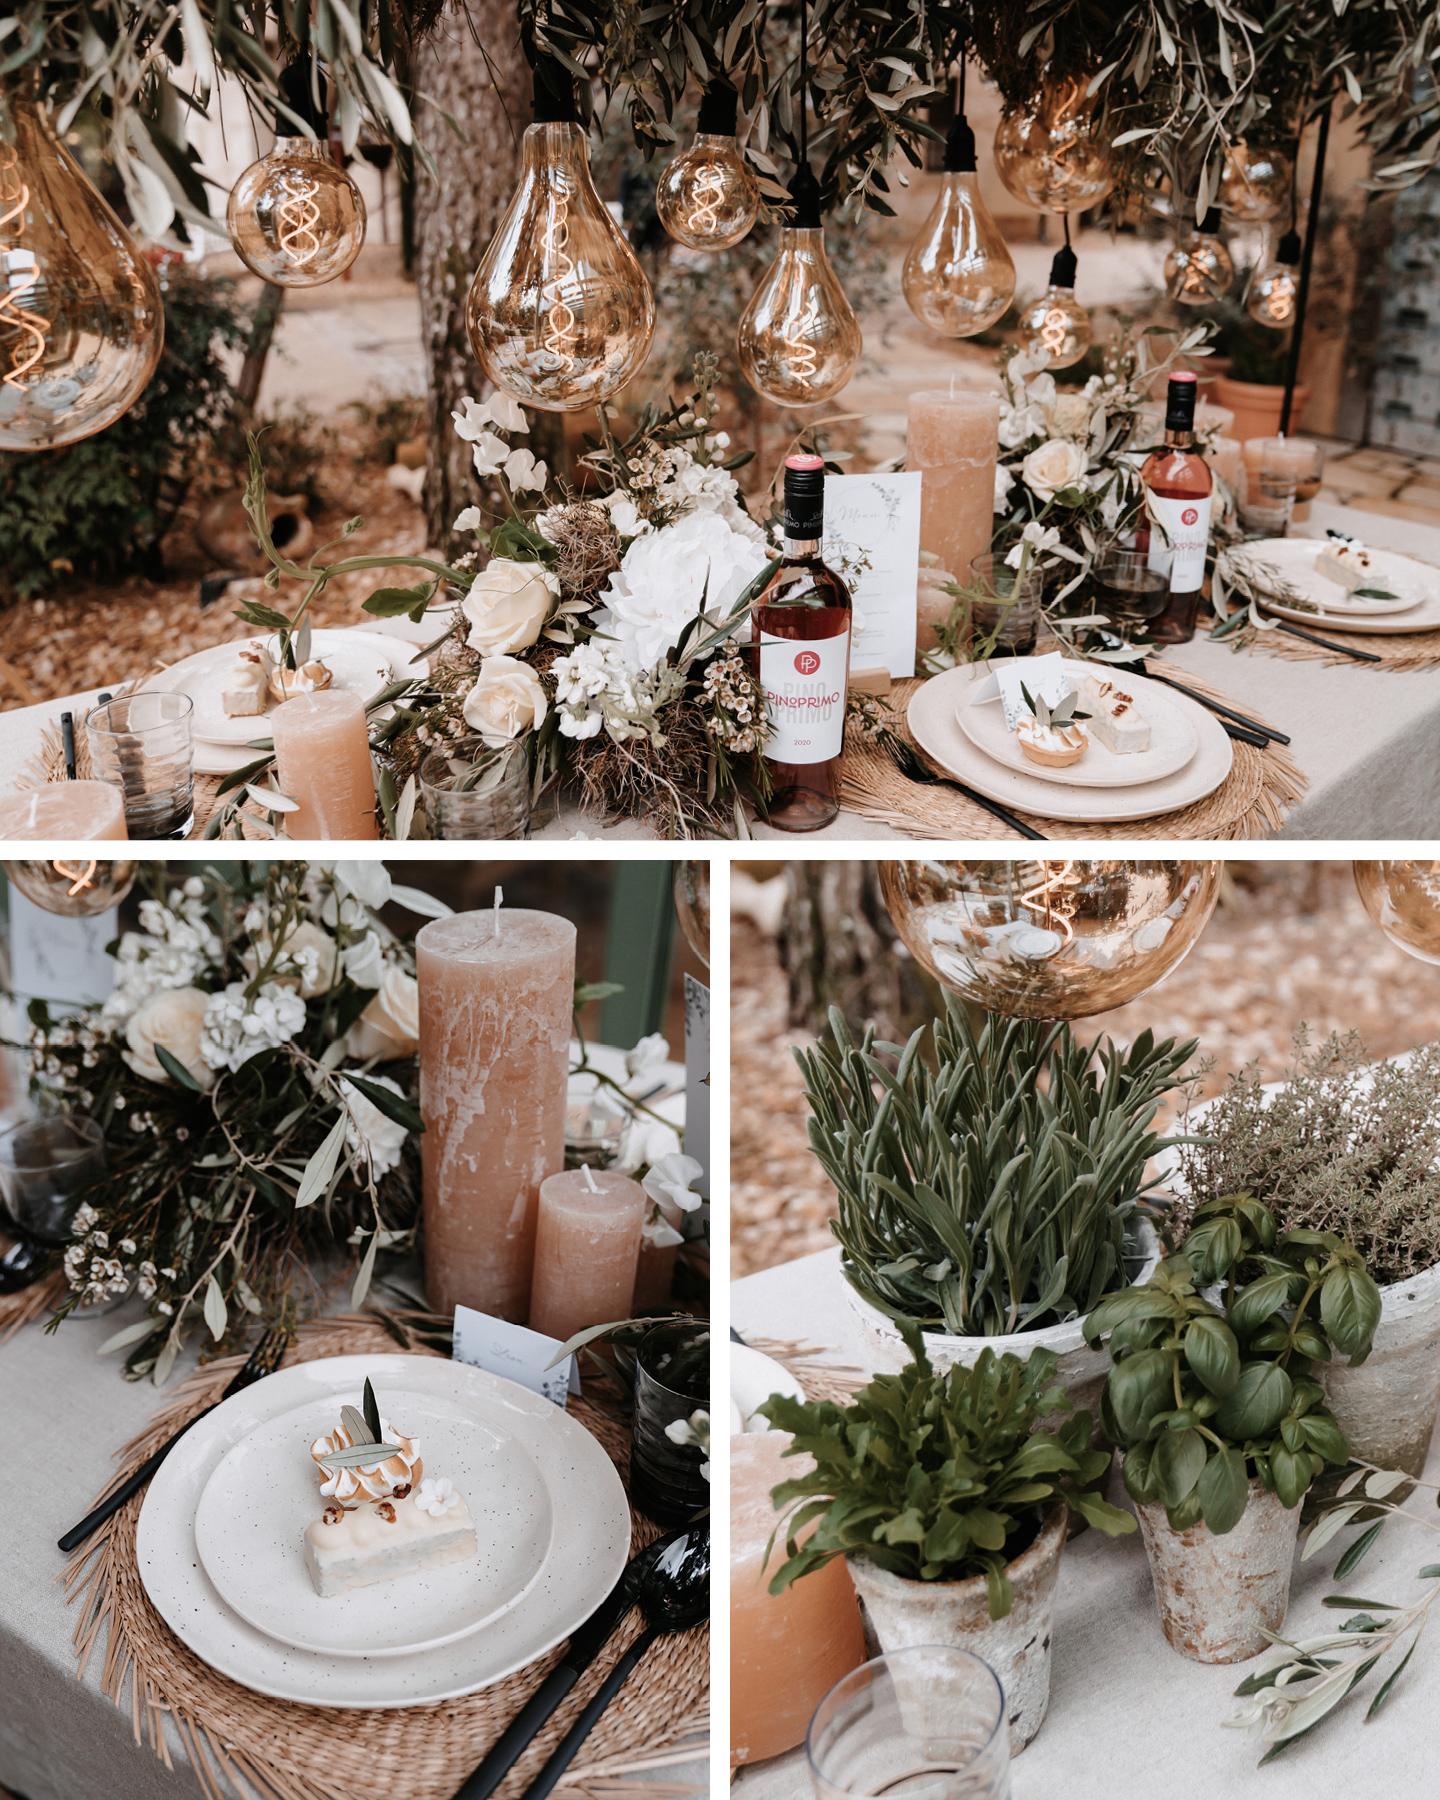 Die Hochzeitstafel ist passend zum Boho Greenery Look mit frischen Kräutern in rustikalen Töpfen dekoriert.